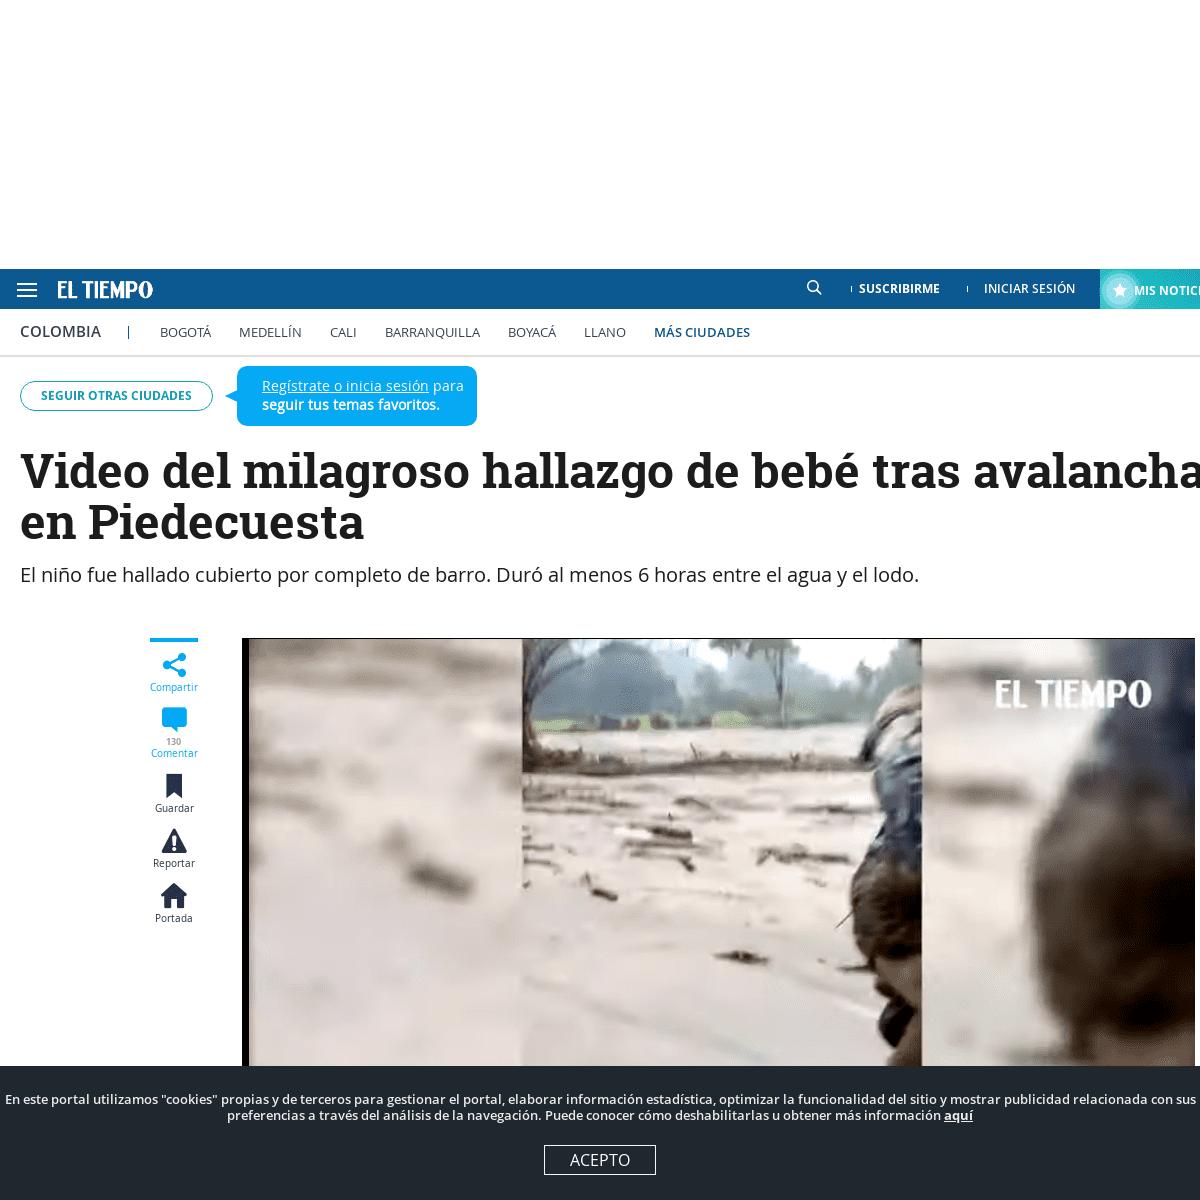 Video de bebé rescatado tras avalancha en Piedecuesta, Santander - Otras Ciudades - Colombia - ELTIEMPO.COM